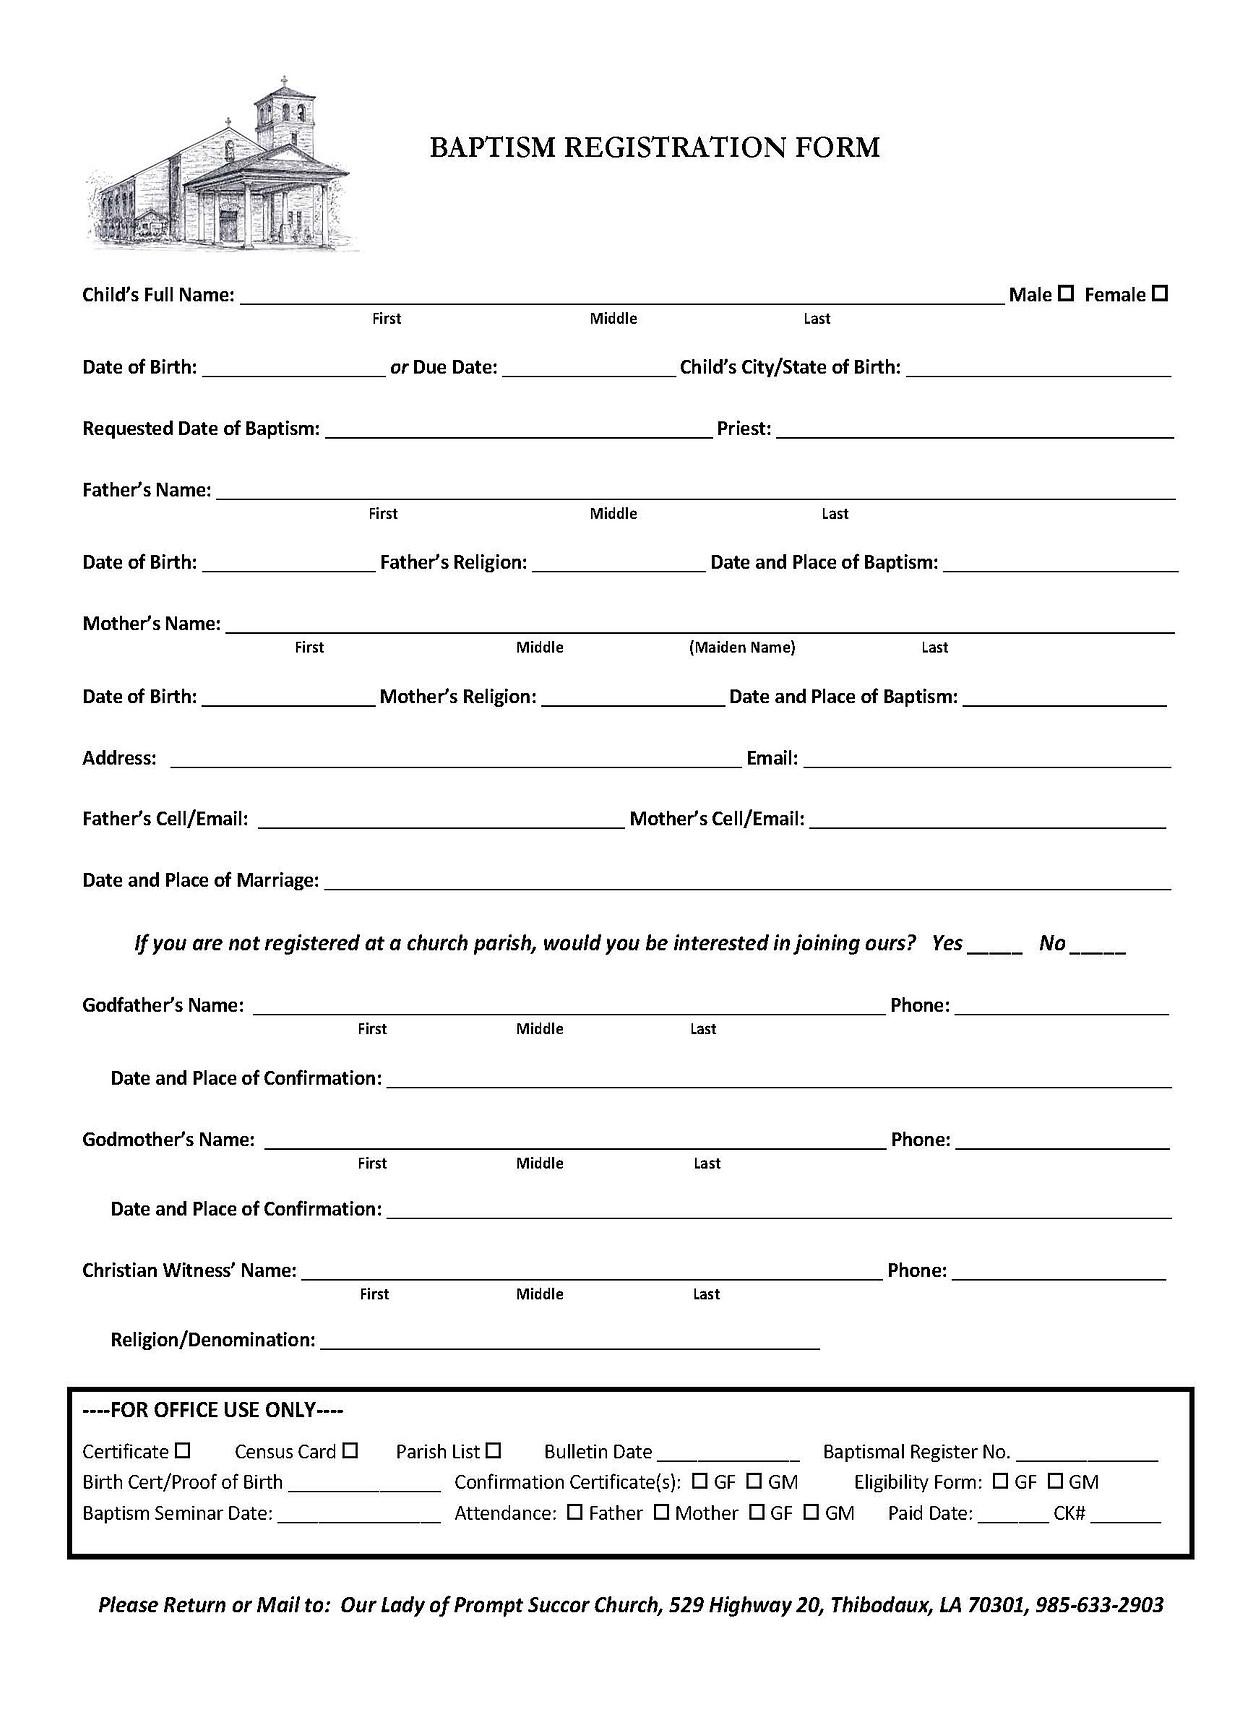 Baptism Registration Form.jpg